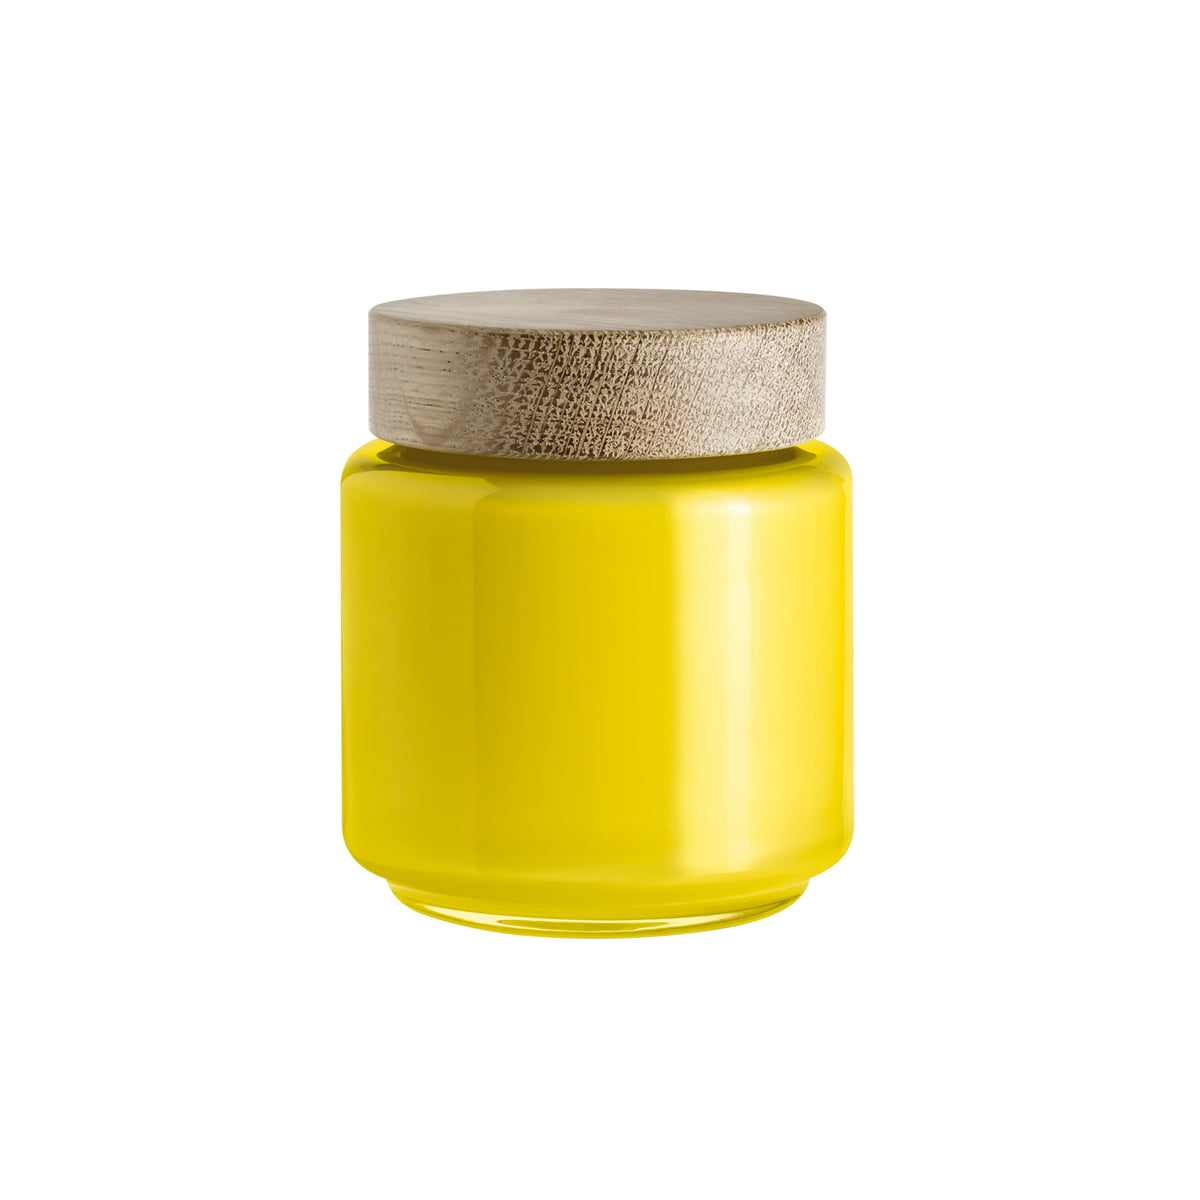 Holmegaard aufbewahungsglas frei gelb